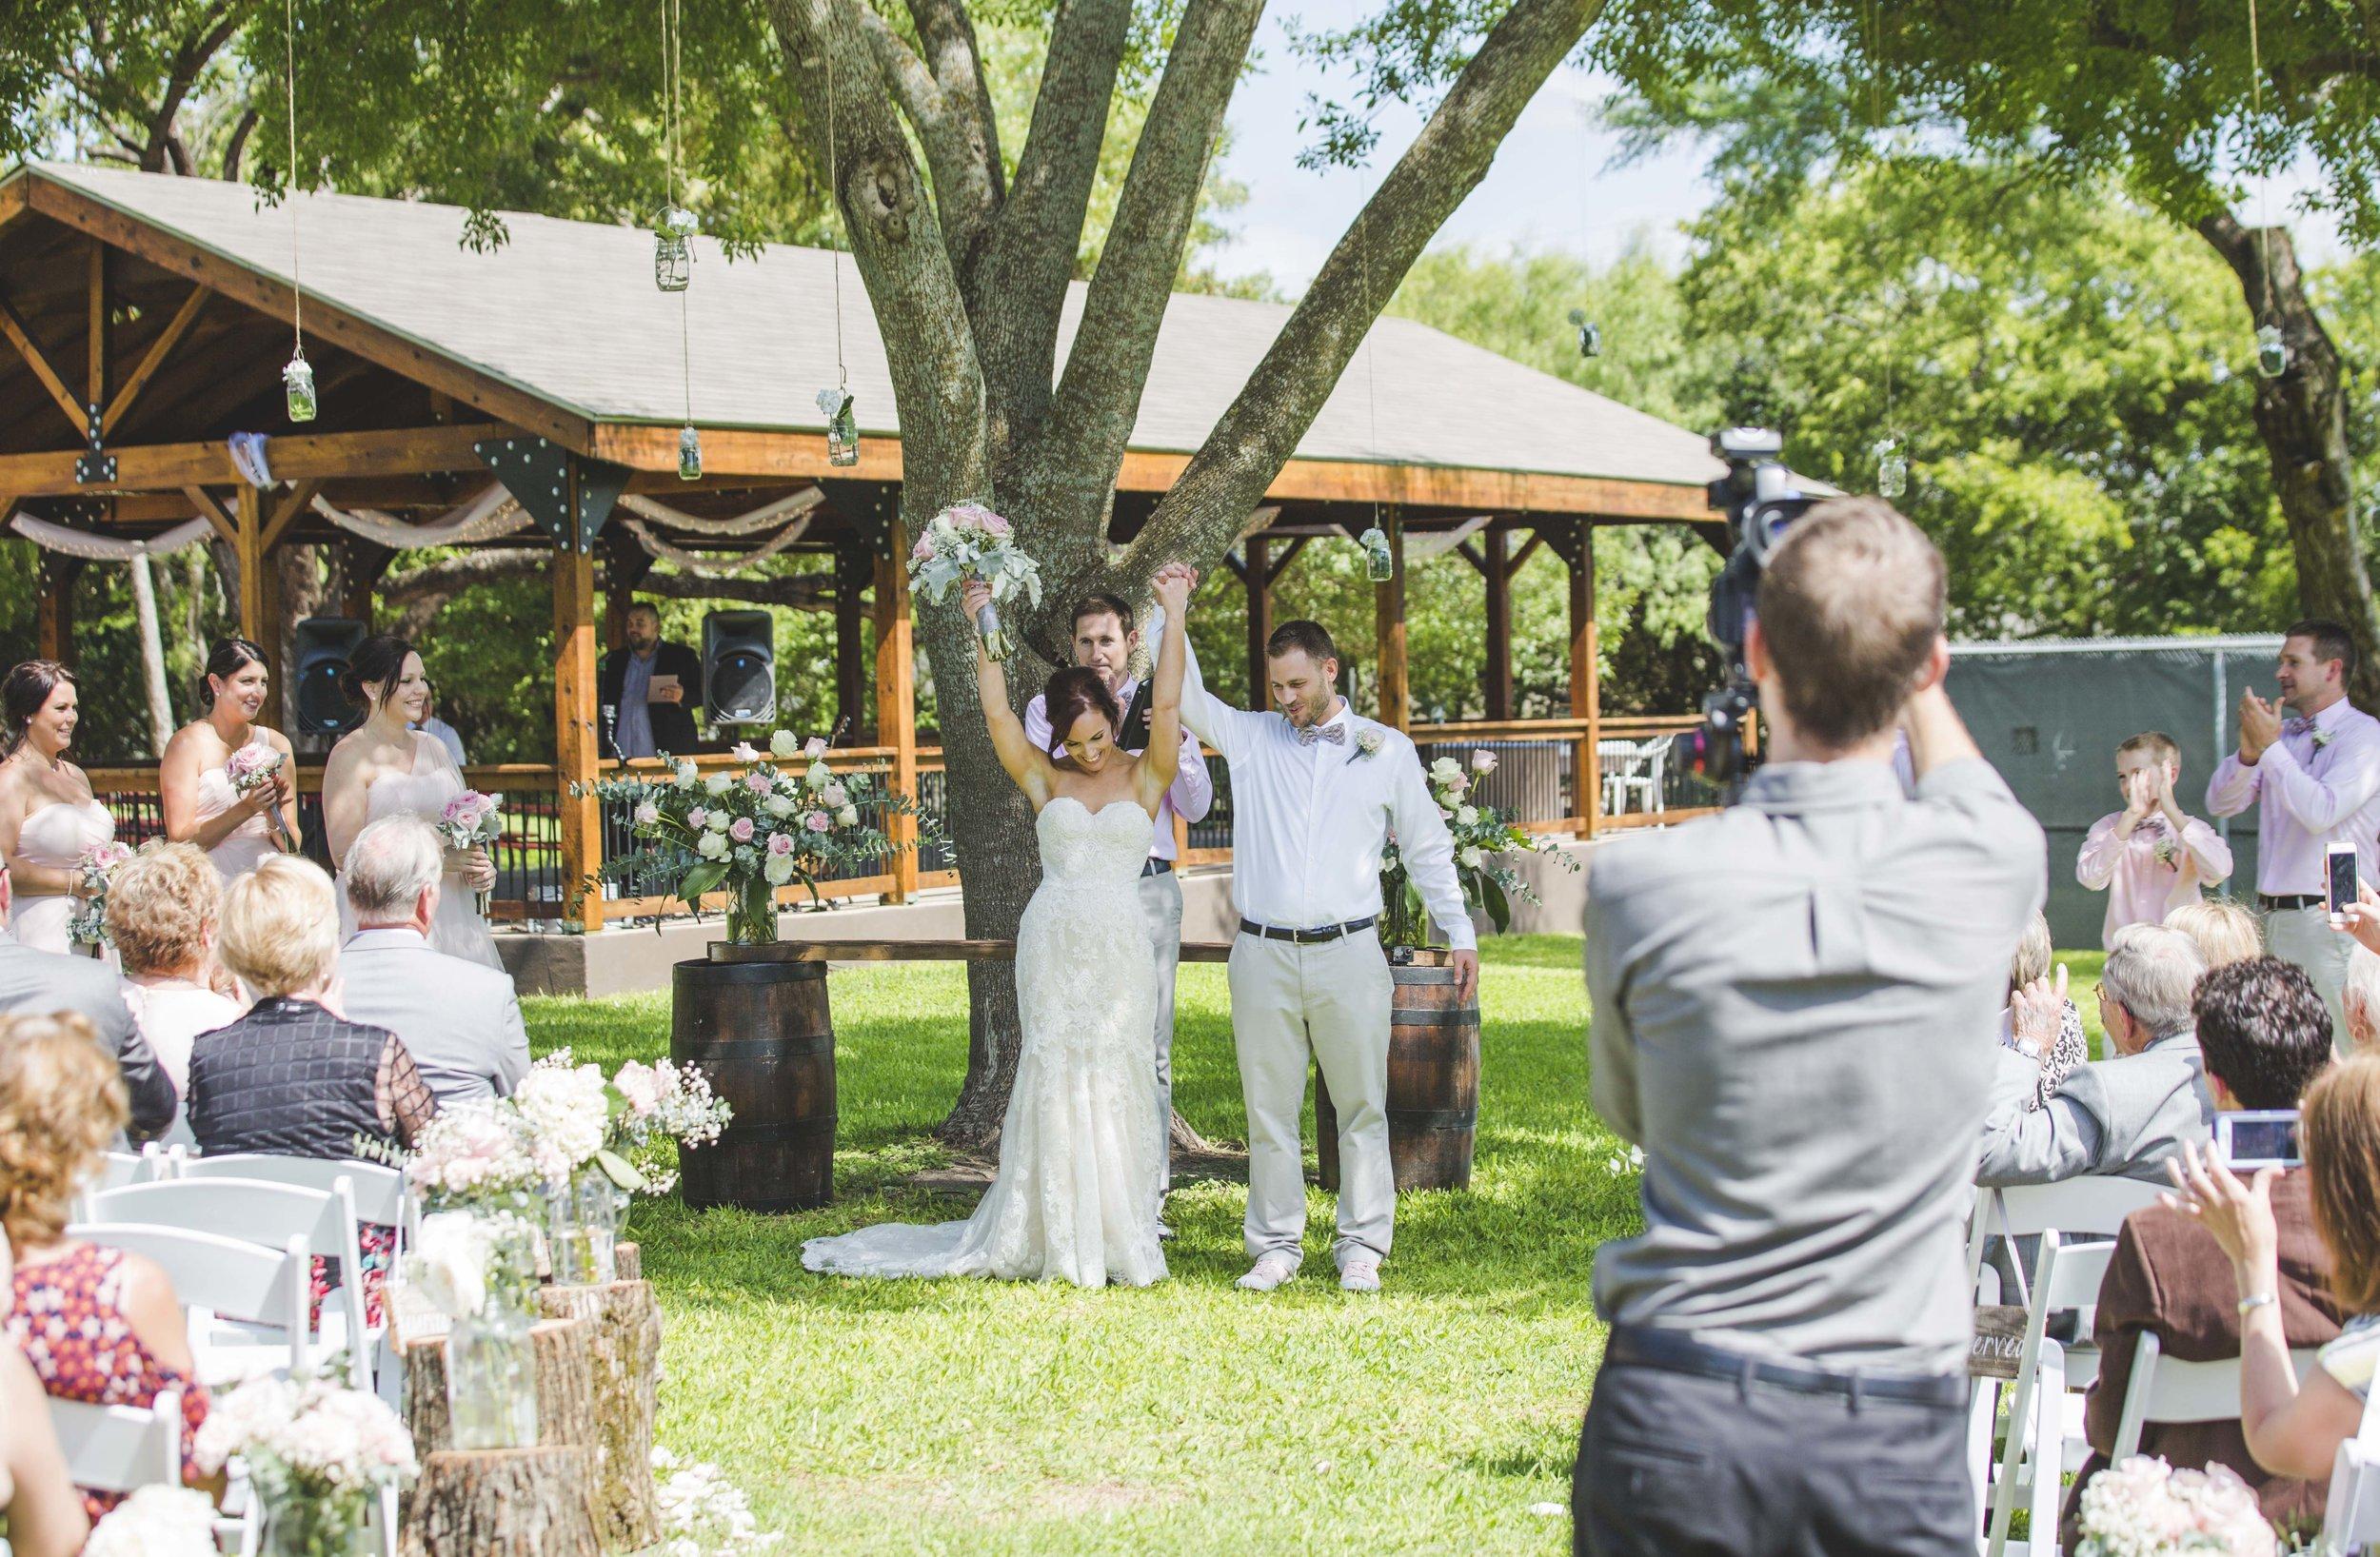 ATGI_Susanna & Matt Wedding_717A7871.jpg